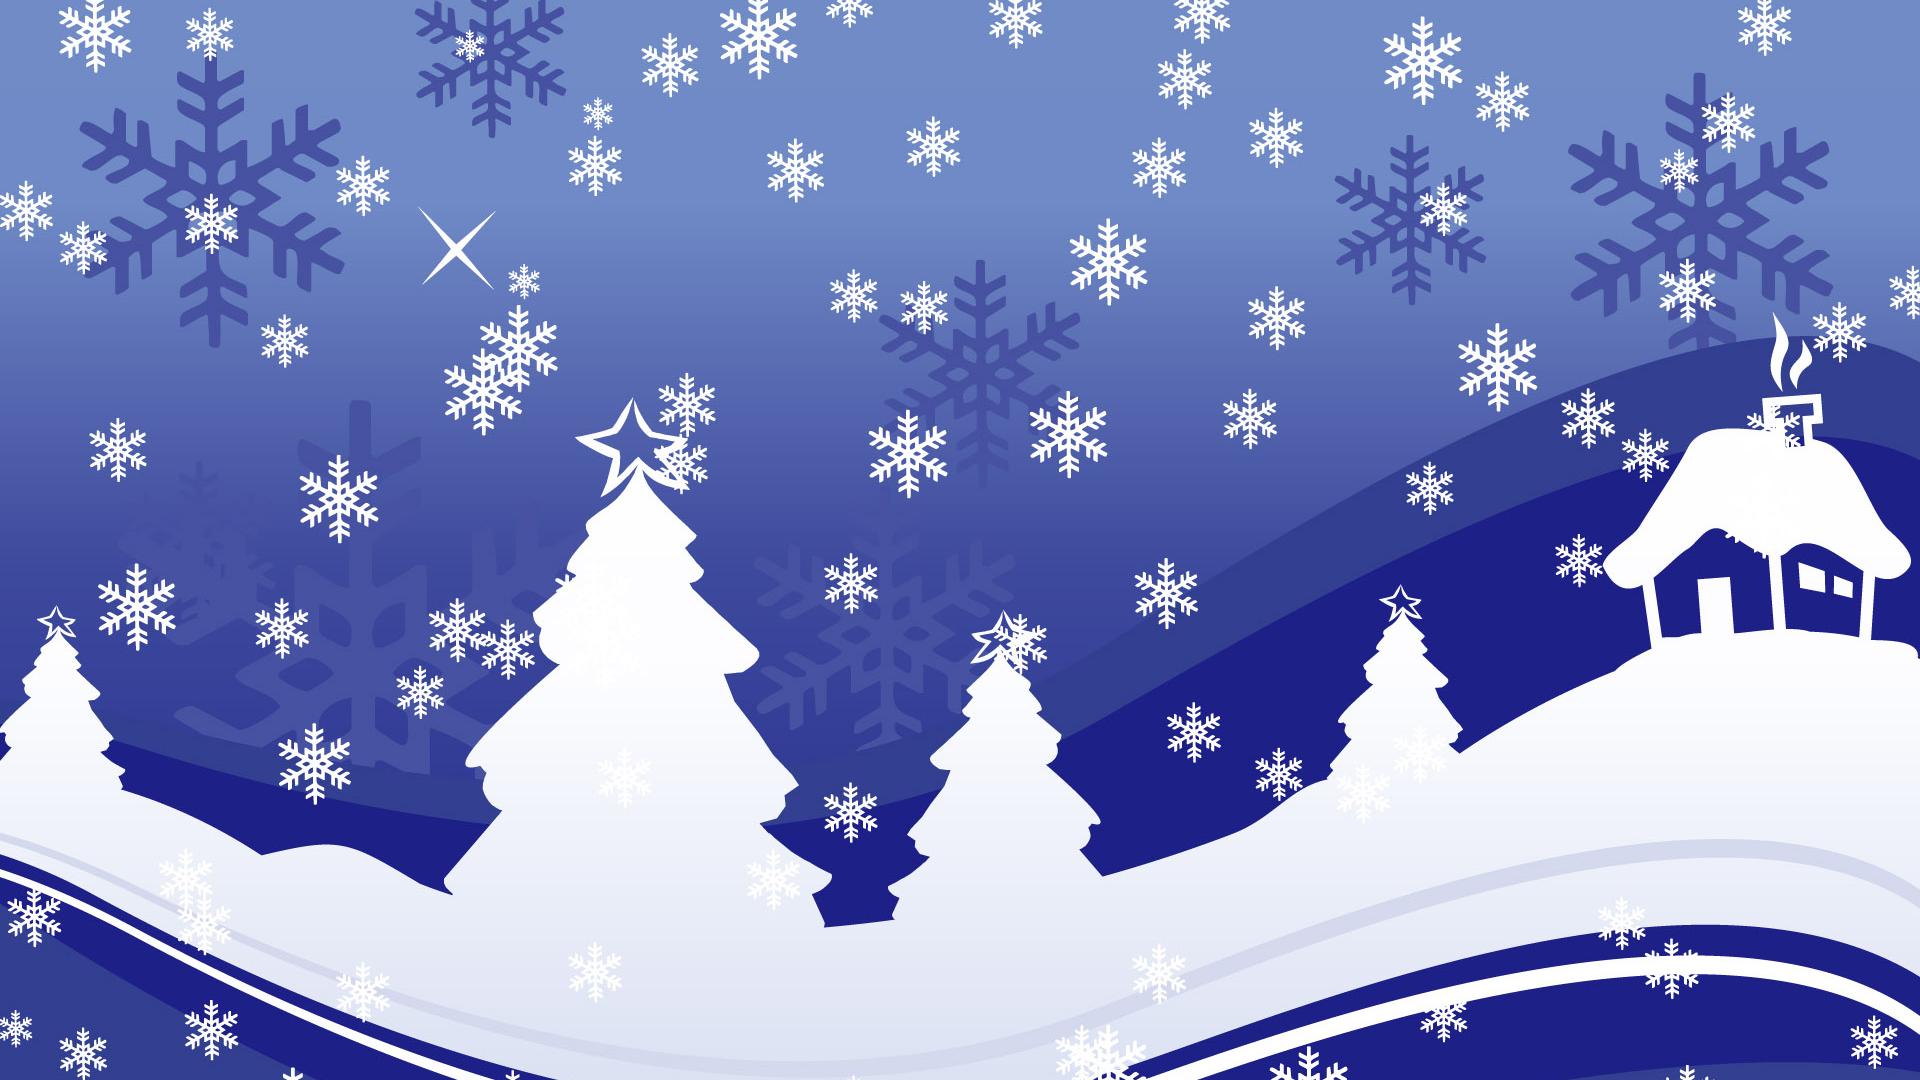 Sfondi Gratis Natalizi.Sfondi Gratis Per La Festa Di Capodanno Wallpapers Free